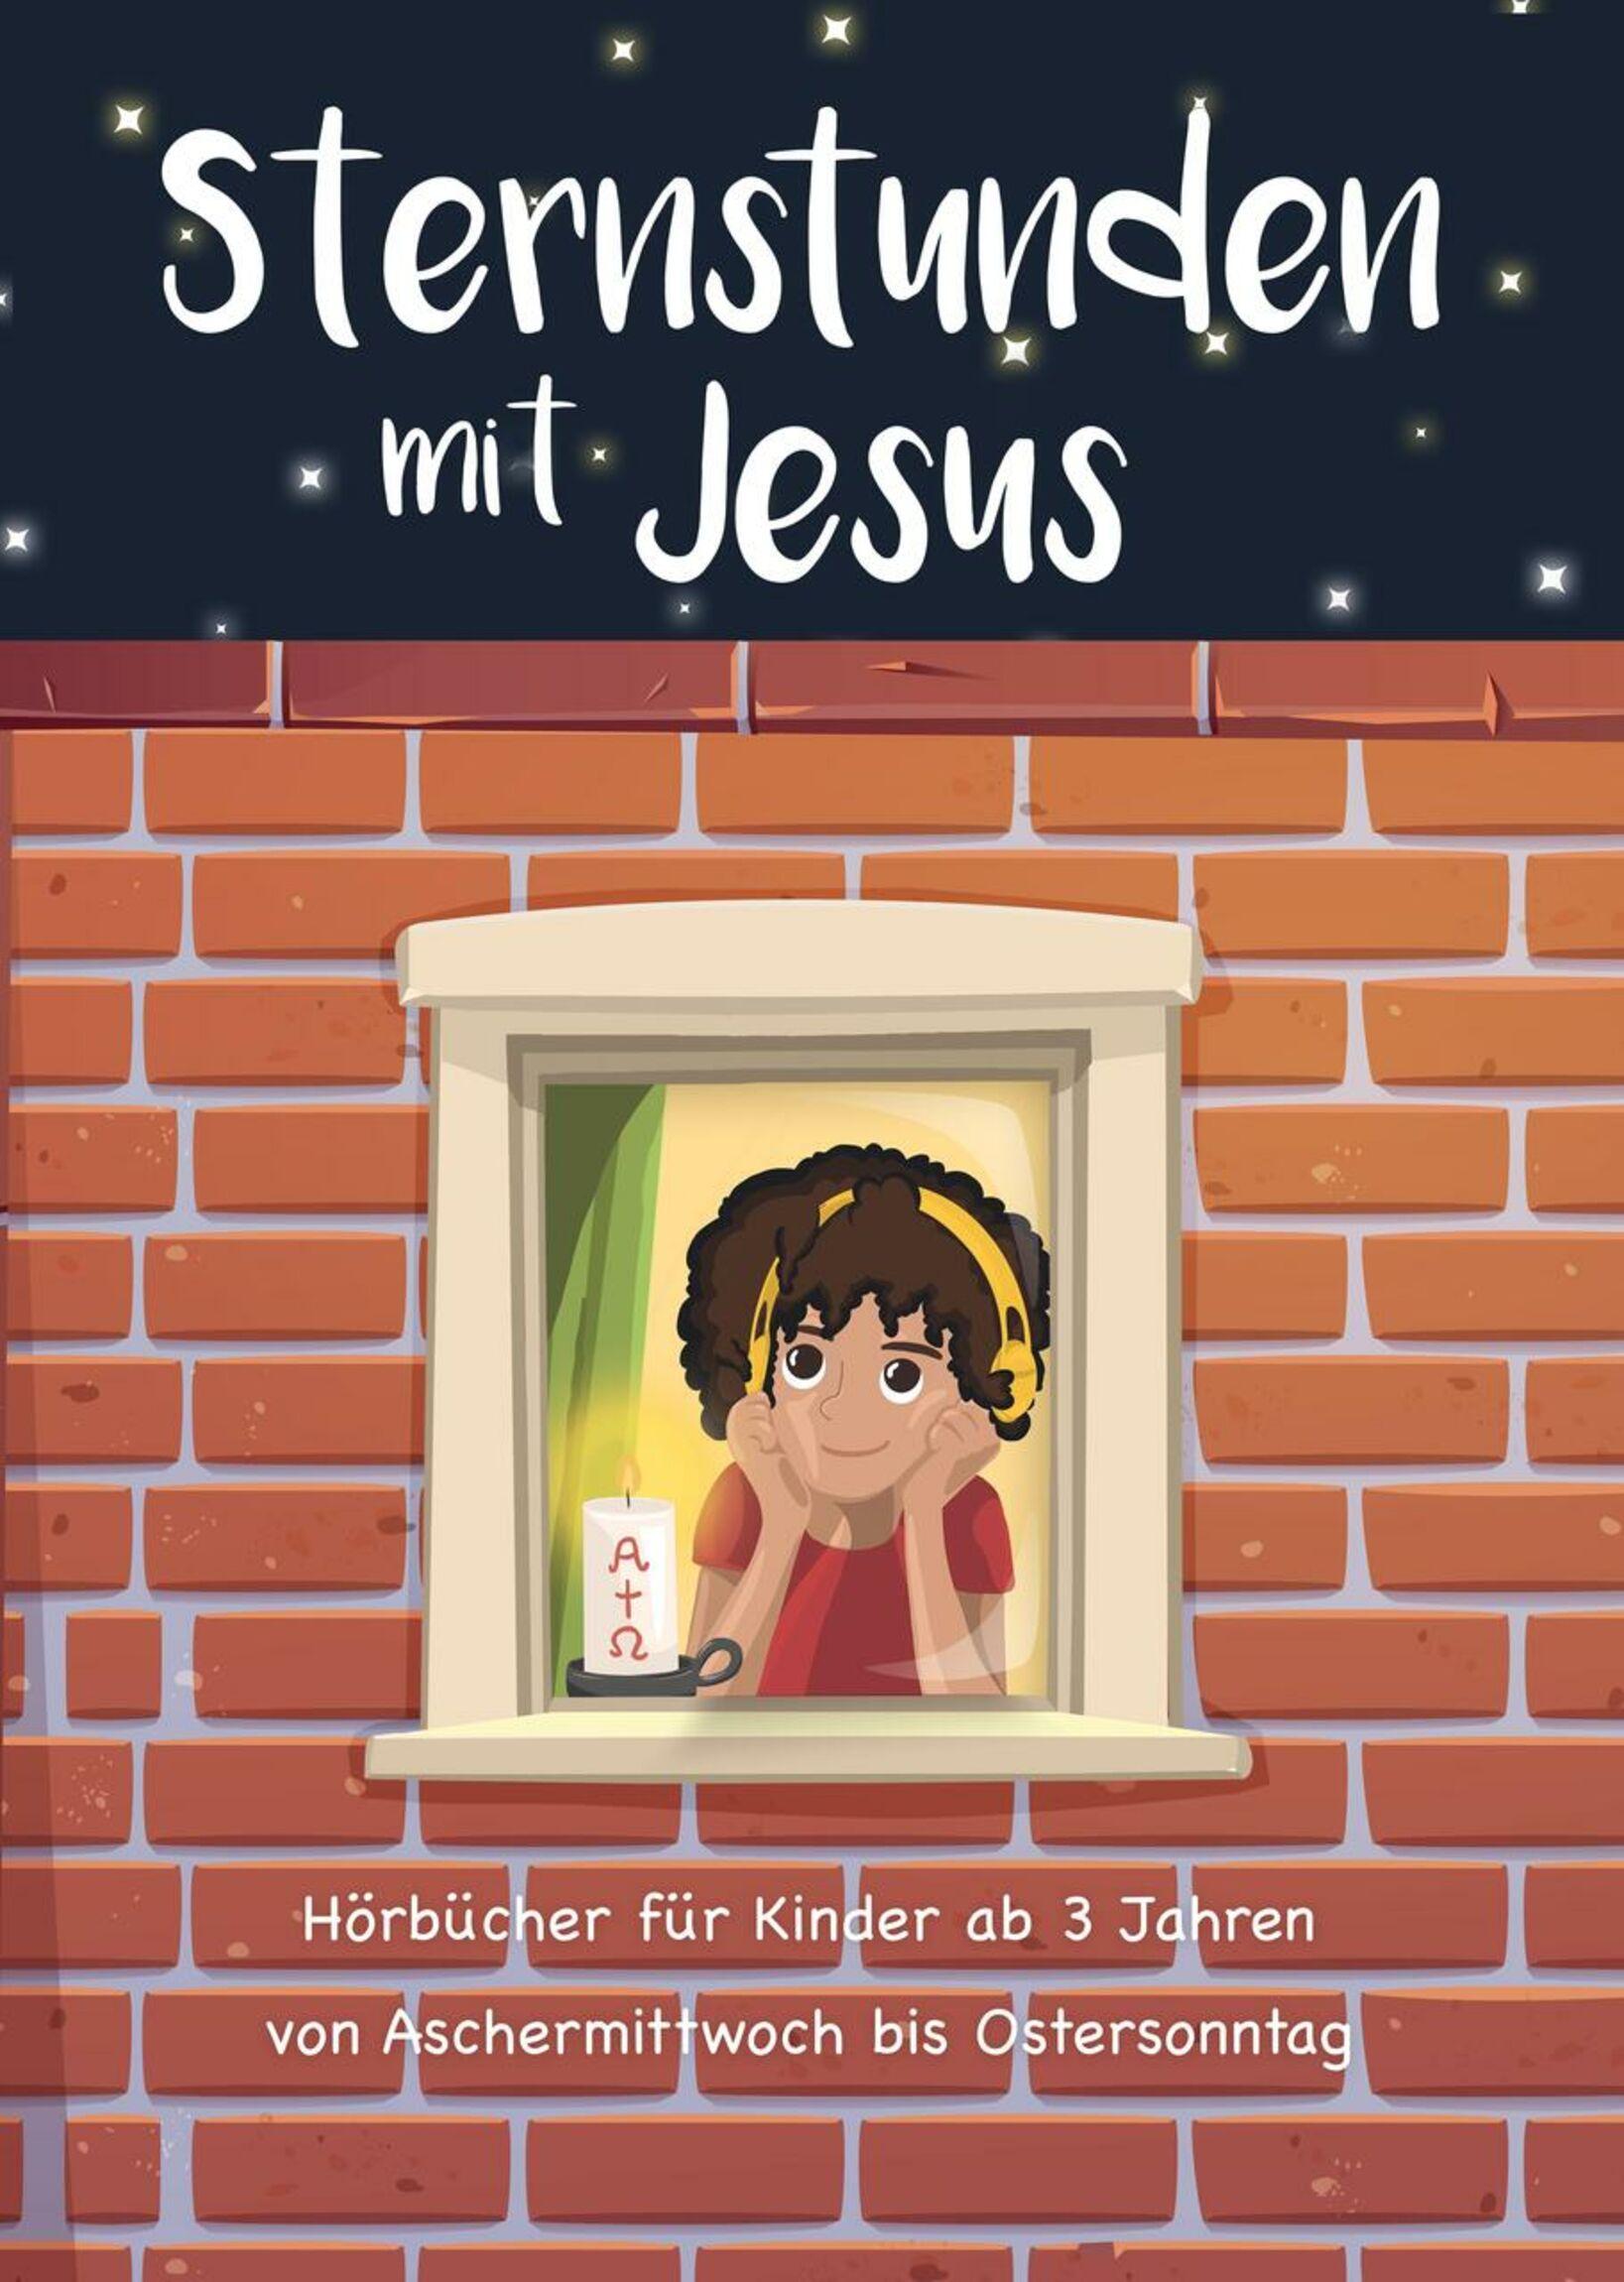 Sternstunden mit Jesus 2021